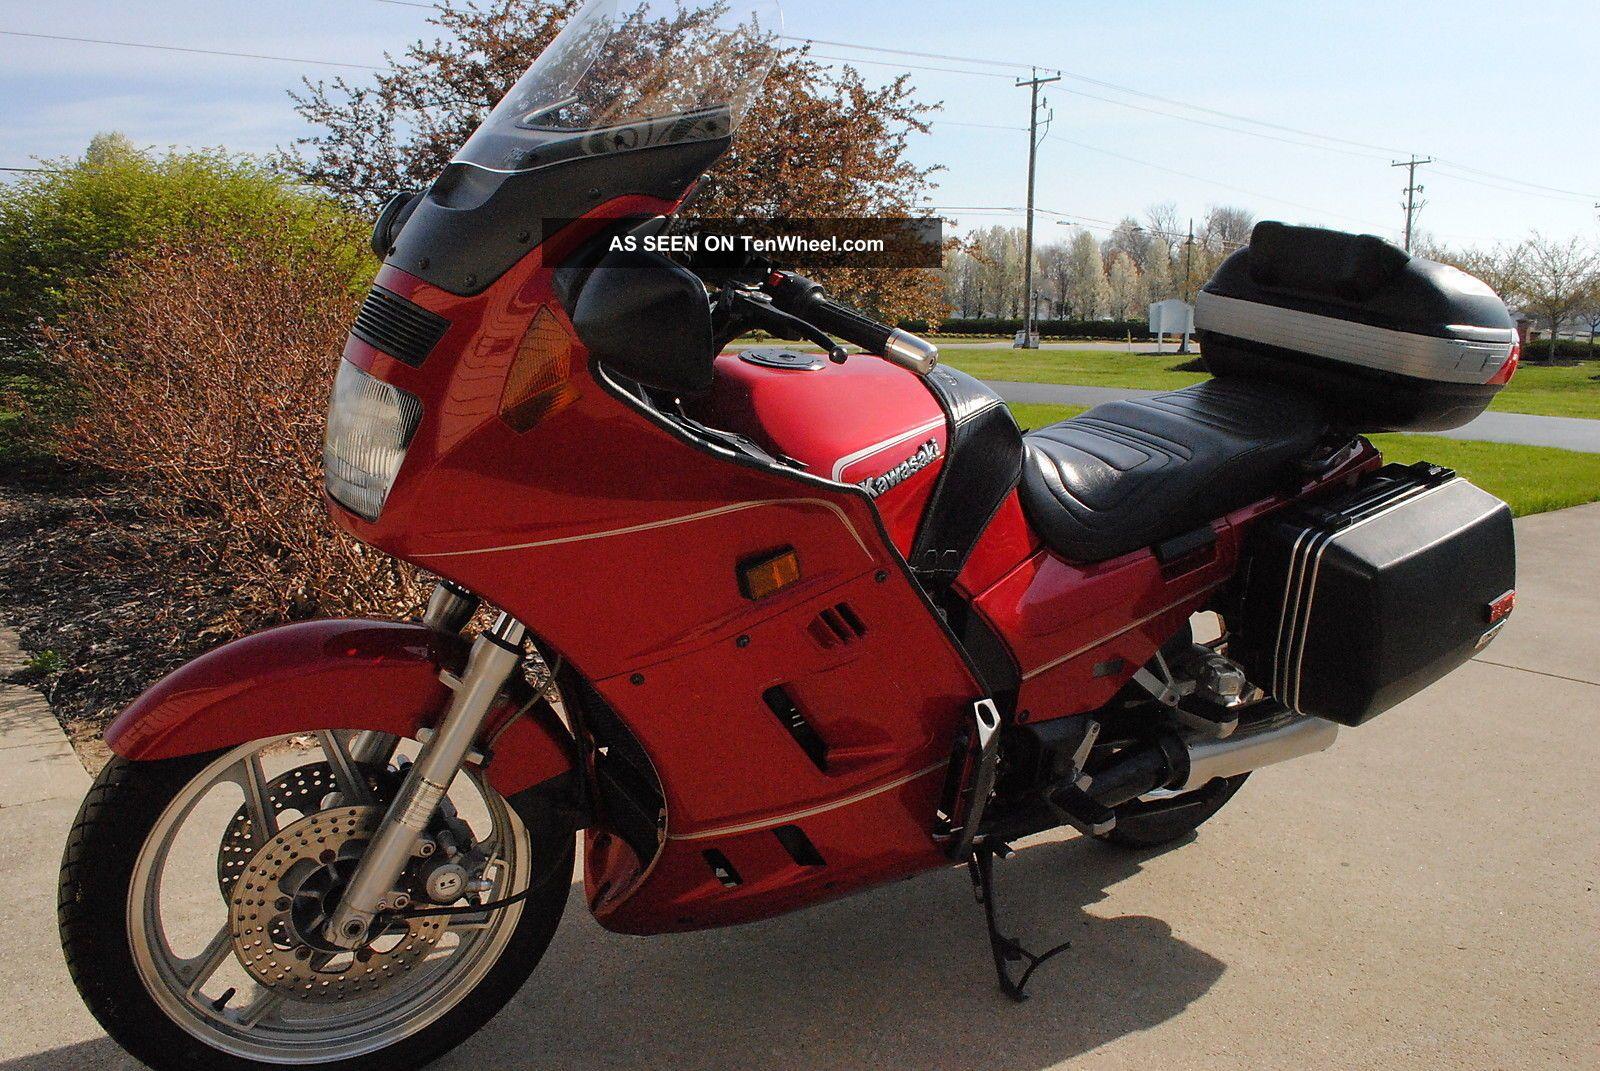 1990 Kawasaki Concours Zg1000